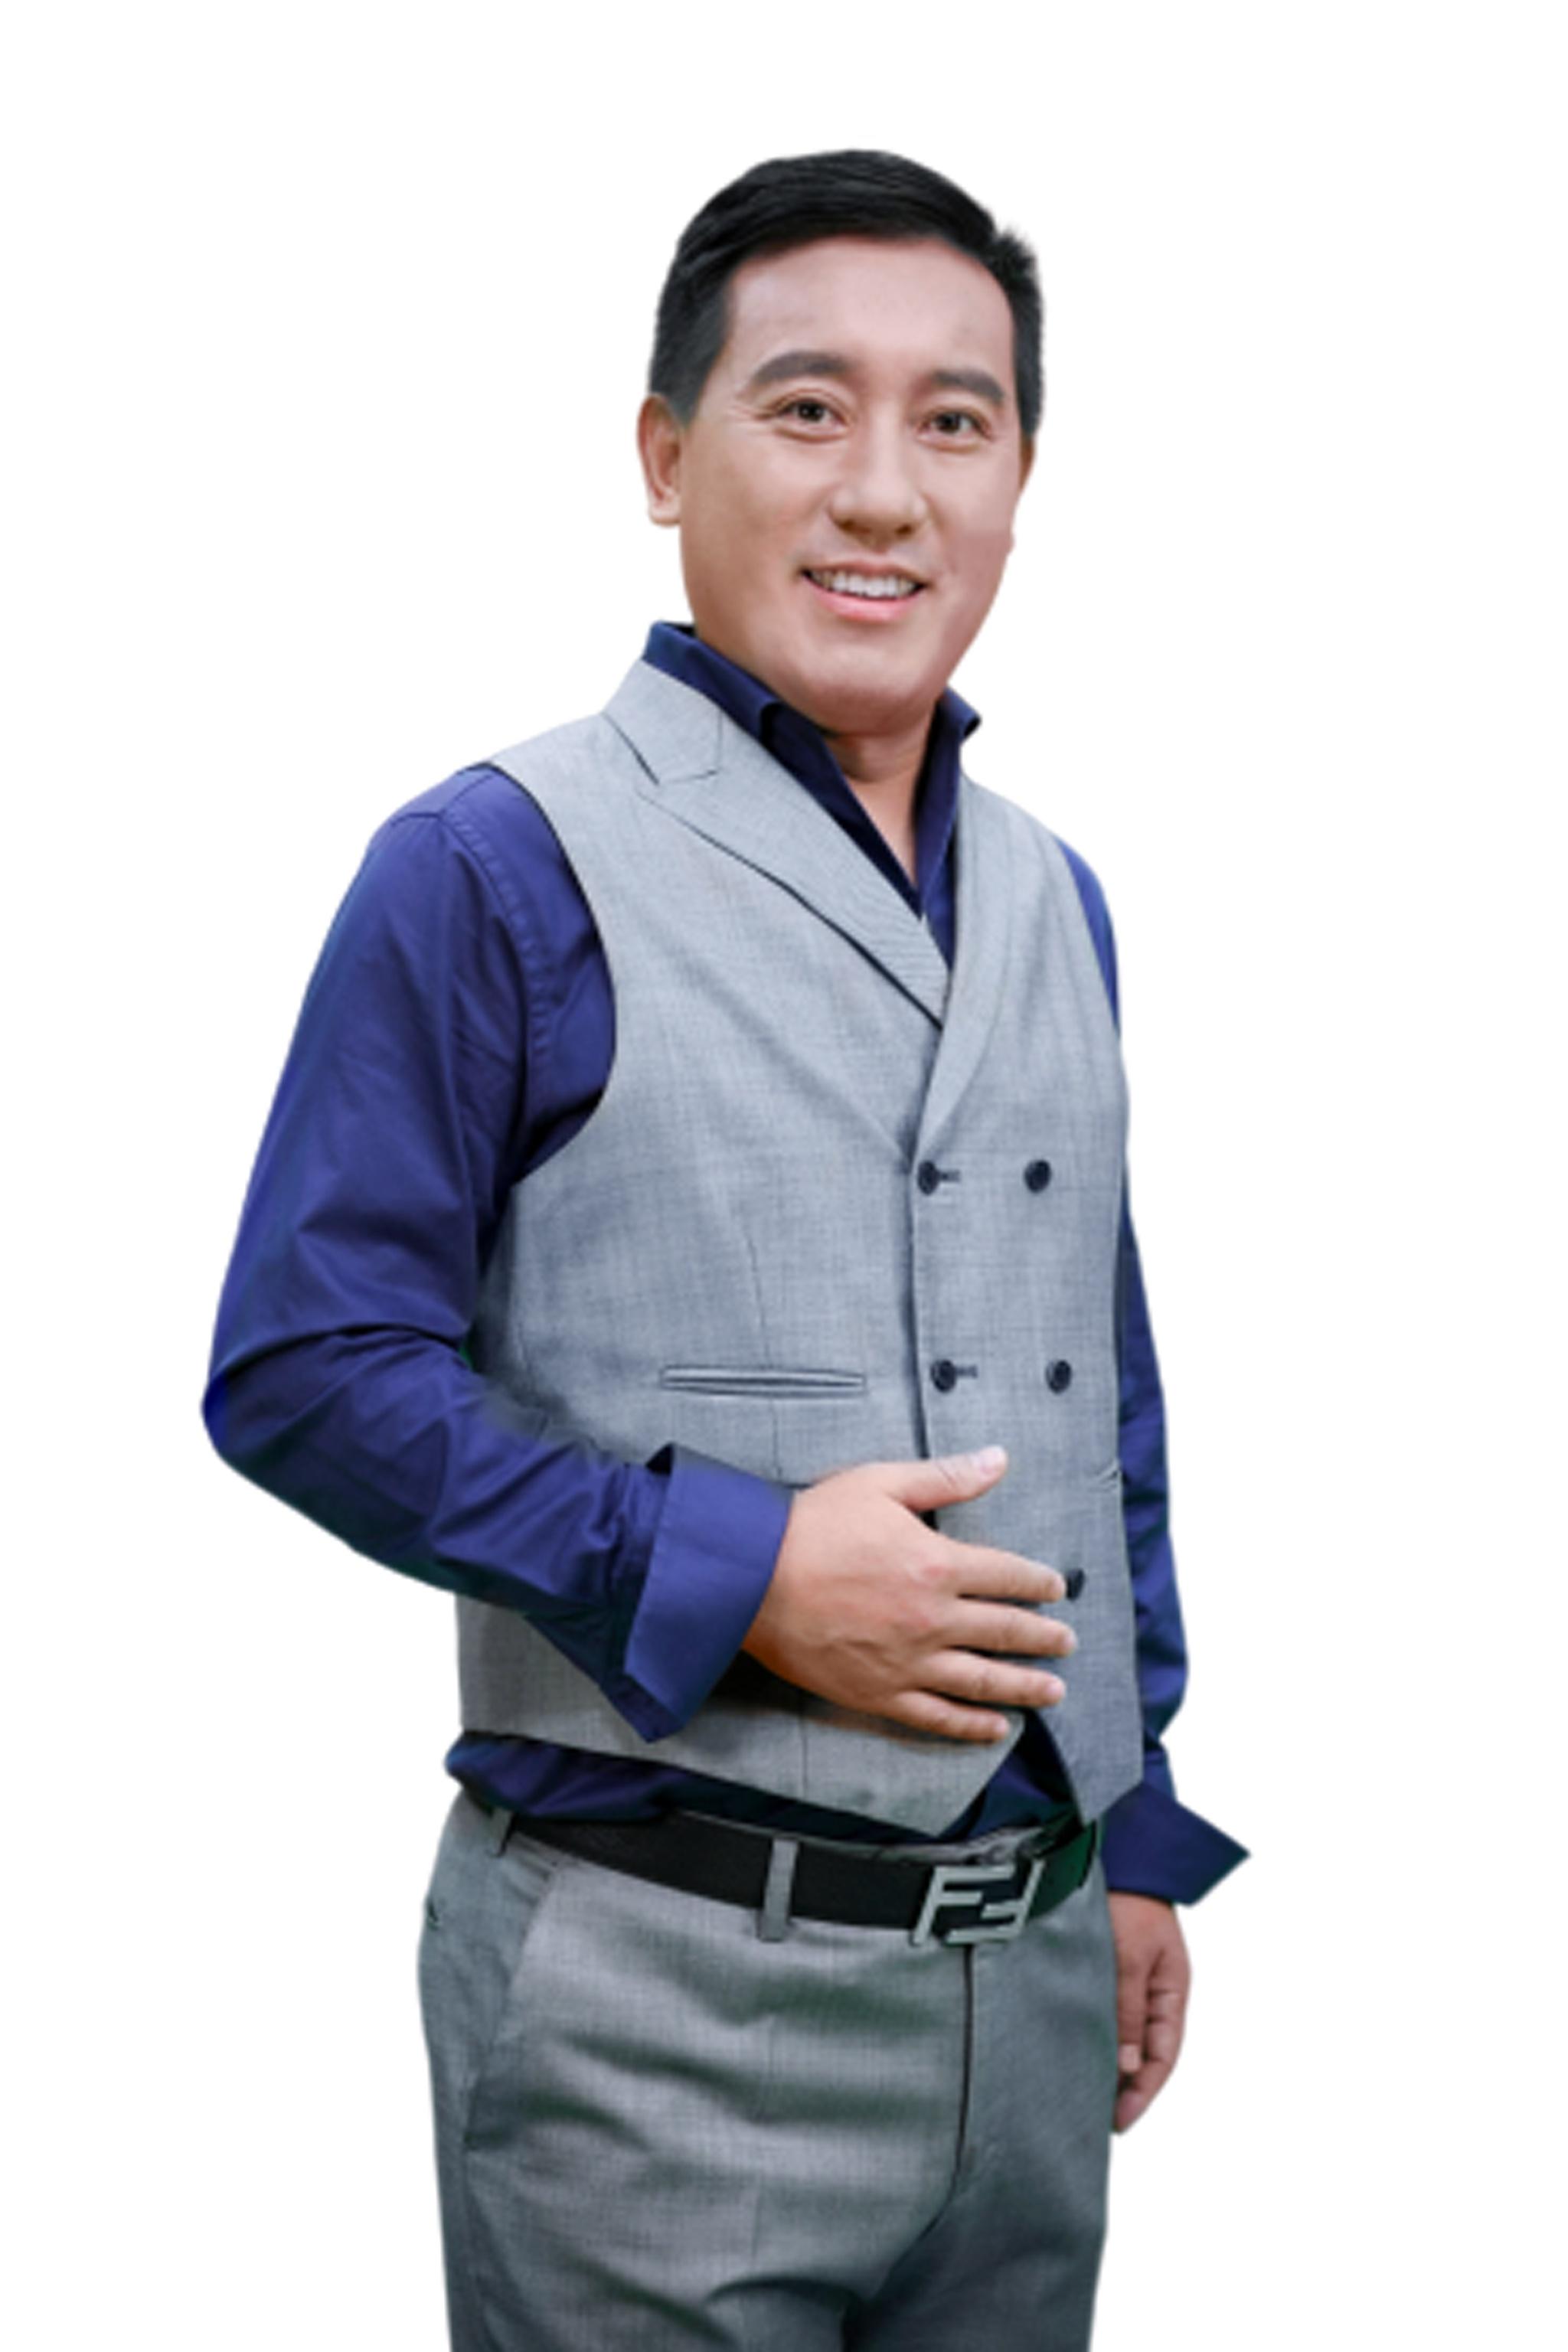 张驰 北京交通大学心理素质教育中心副主任 中国社工联合会学校社工学部常务副主任委员